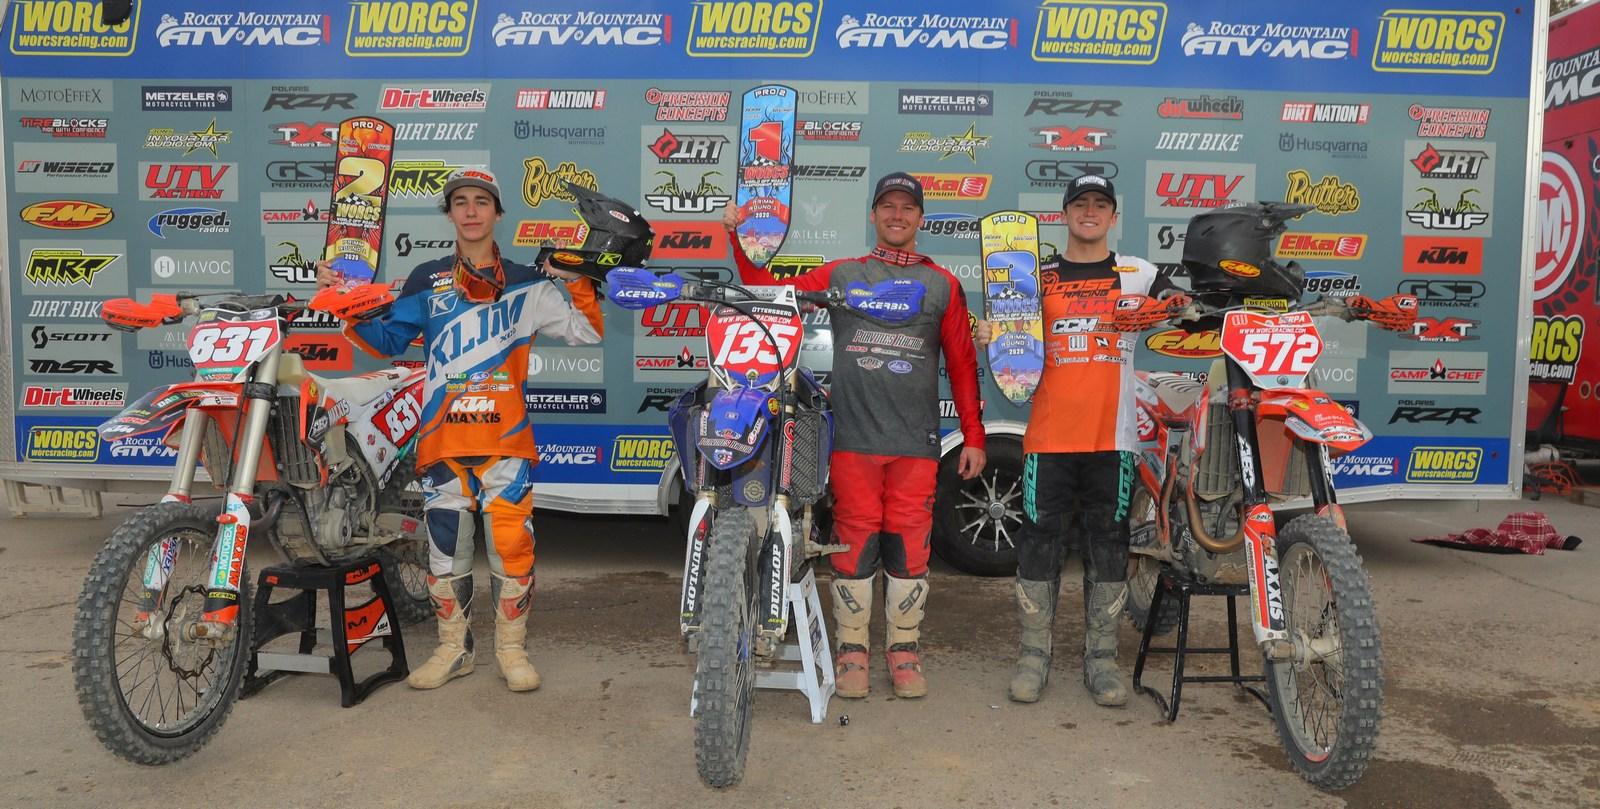 2020-01-podium-pro2-bike-worcs-racing